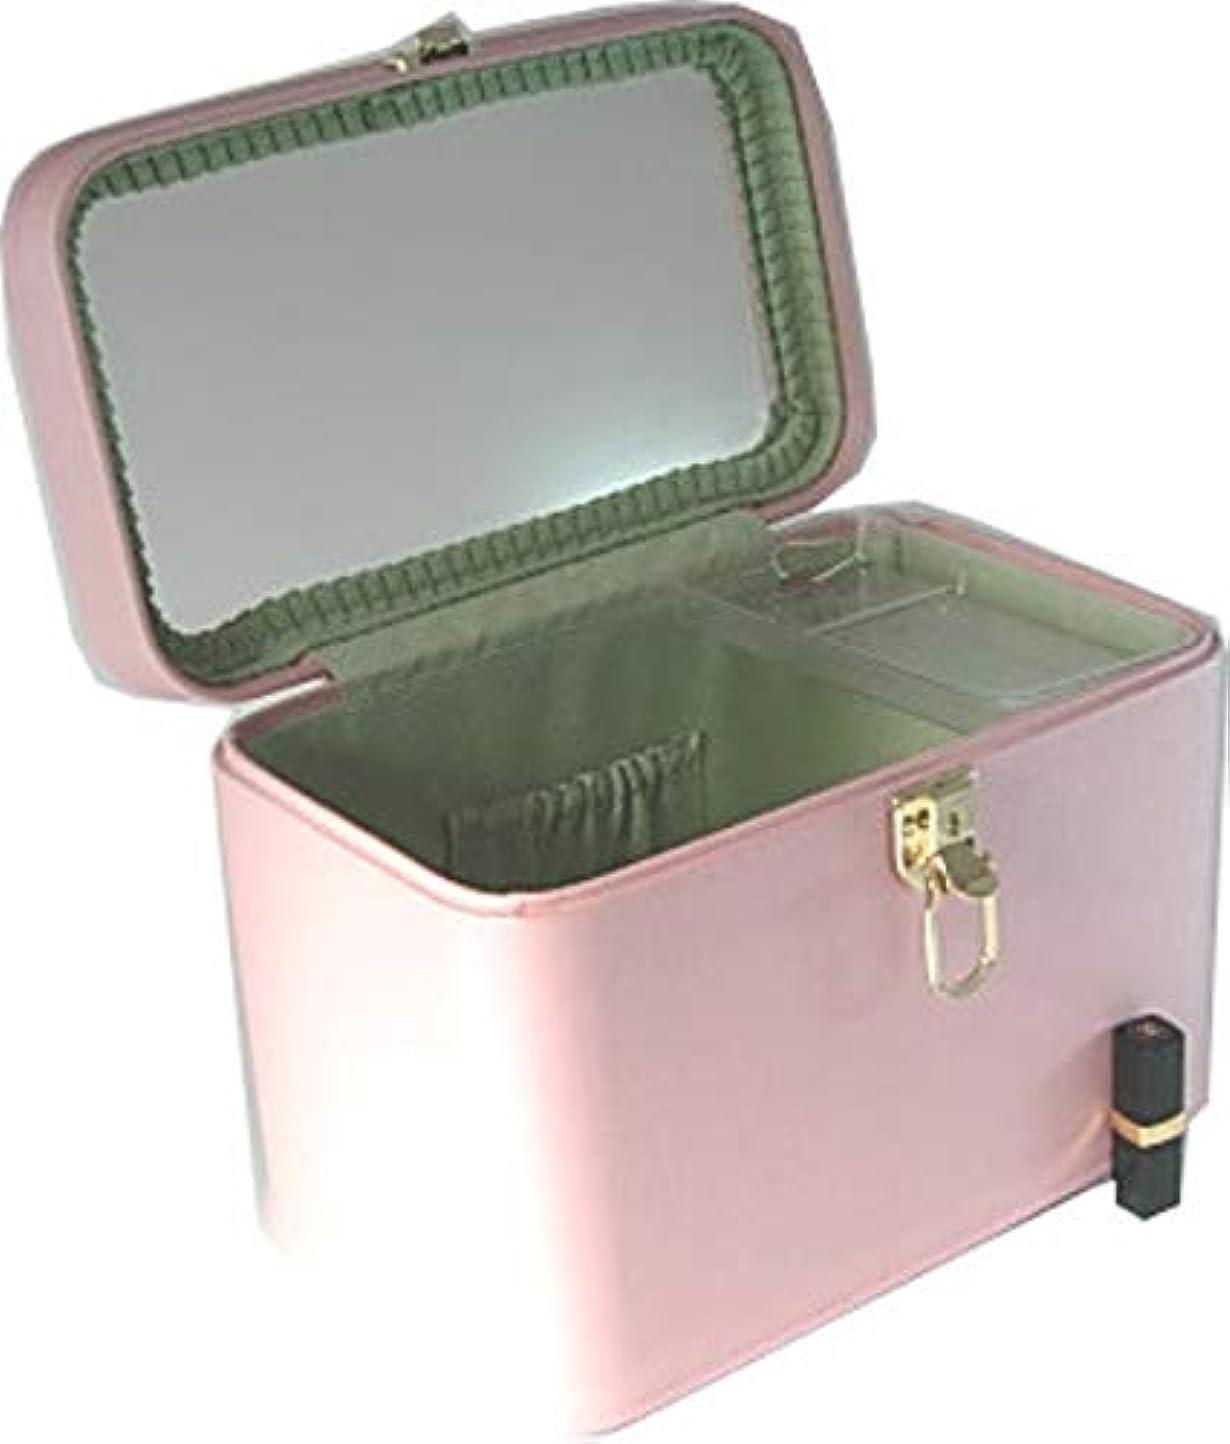 チーズ模索偽物トリプルG2 33cmヨコ パールピンク 日本製 メイクボックス,コスメボックス,メイクアップボックス,トレンチケース,お化粧入れ,化粧雑貨,メーキャップボックス,化粧箱,かわいい,メイク道具箱,メイク雑貨,化粧ボックス